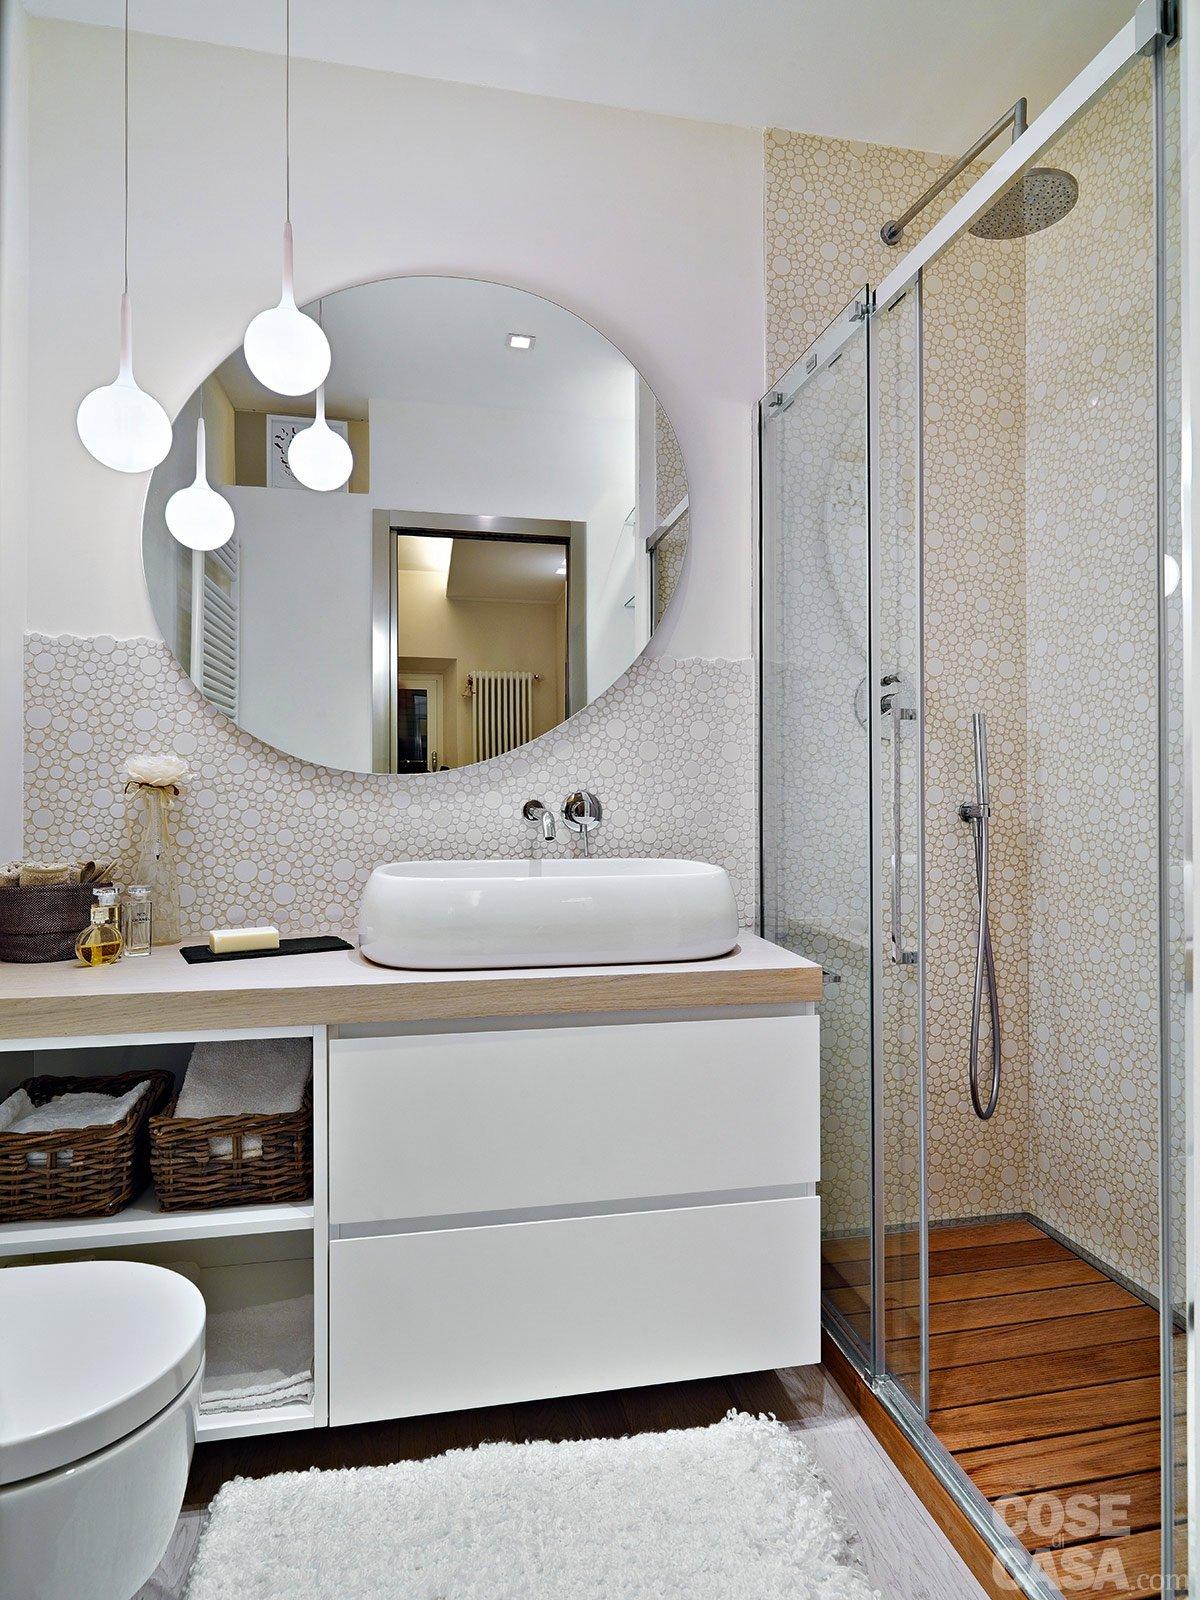 50 mq obiettivo massimo comfort cose di casa - Costo specchio al mq ...